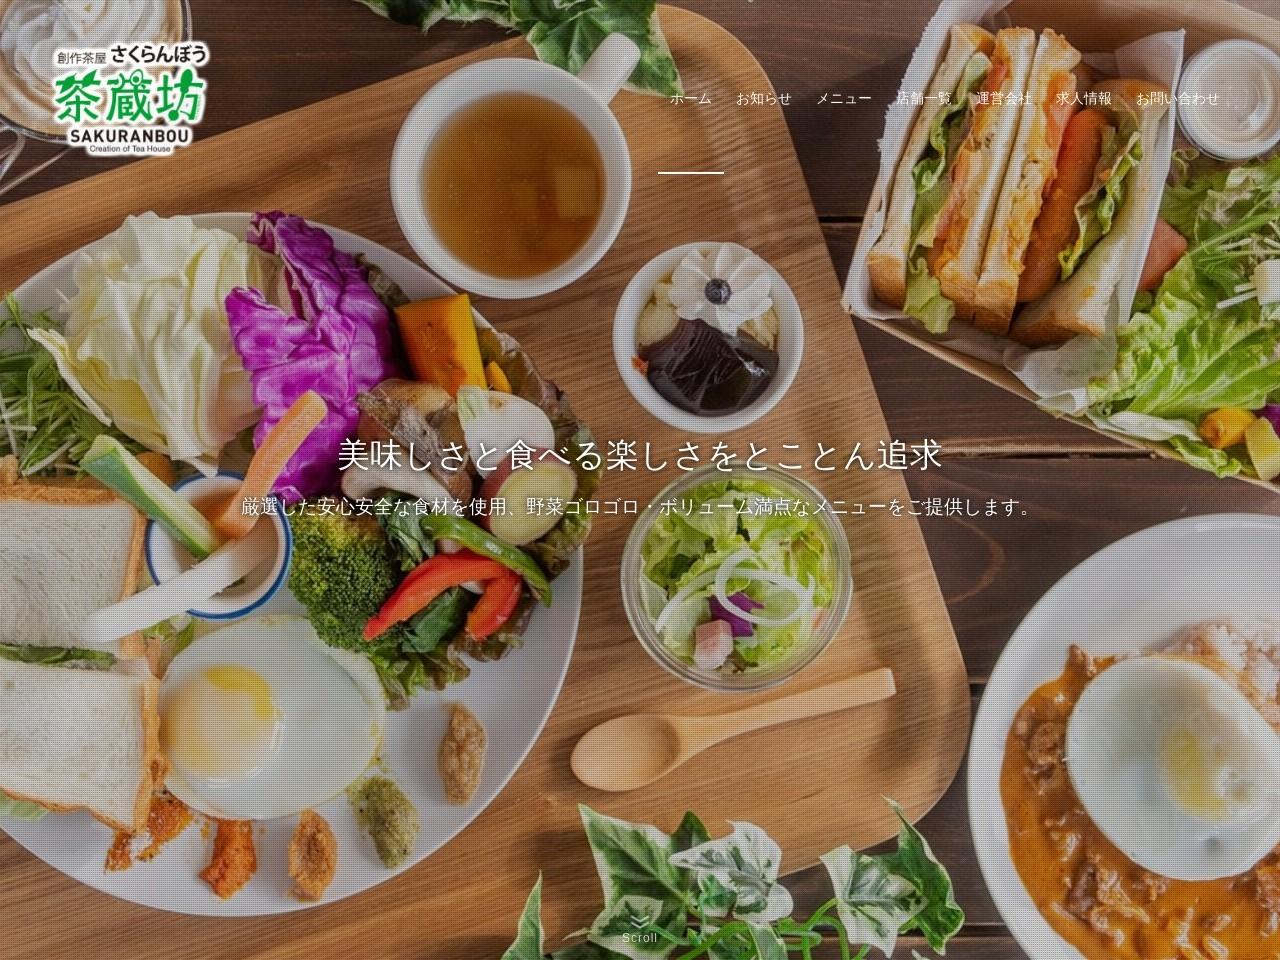 創作茶屋「茶蔵坊-さくらんぼう」緑茶・抹茶・紅茶・コーヒーの販売